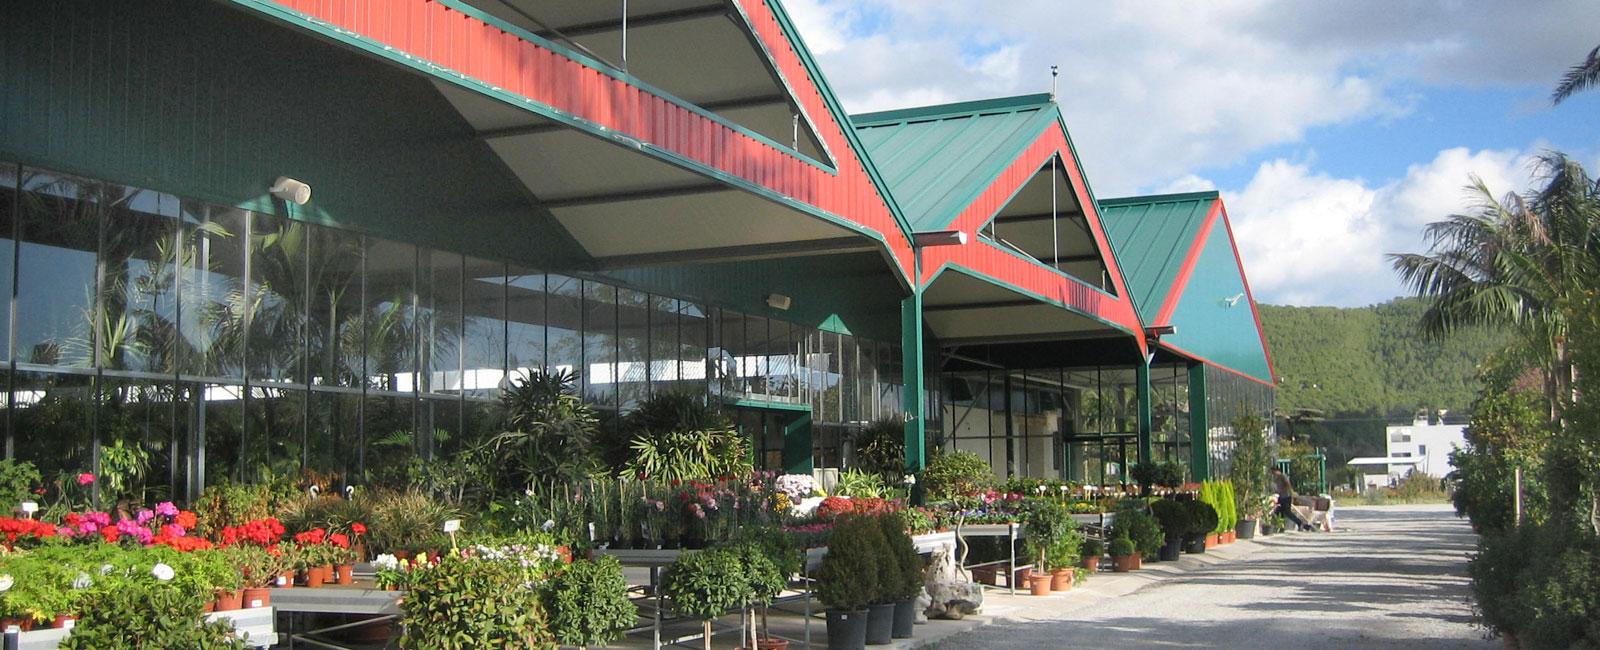 Centros de jardinería